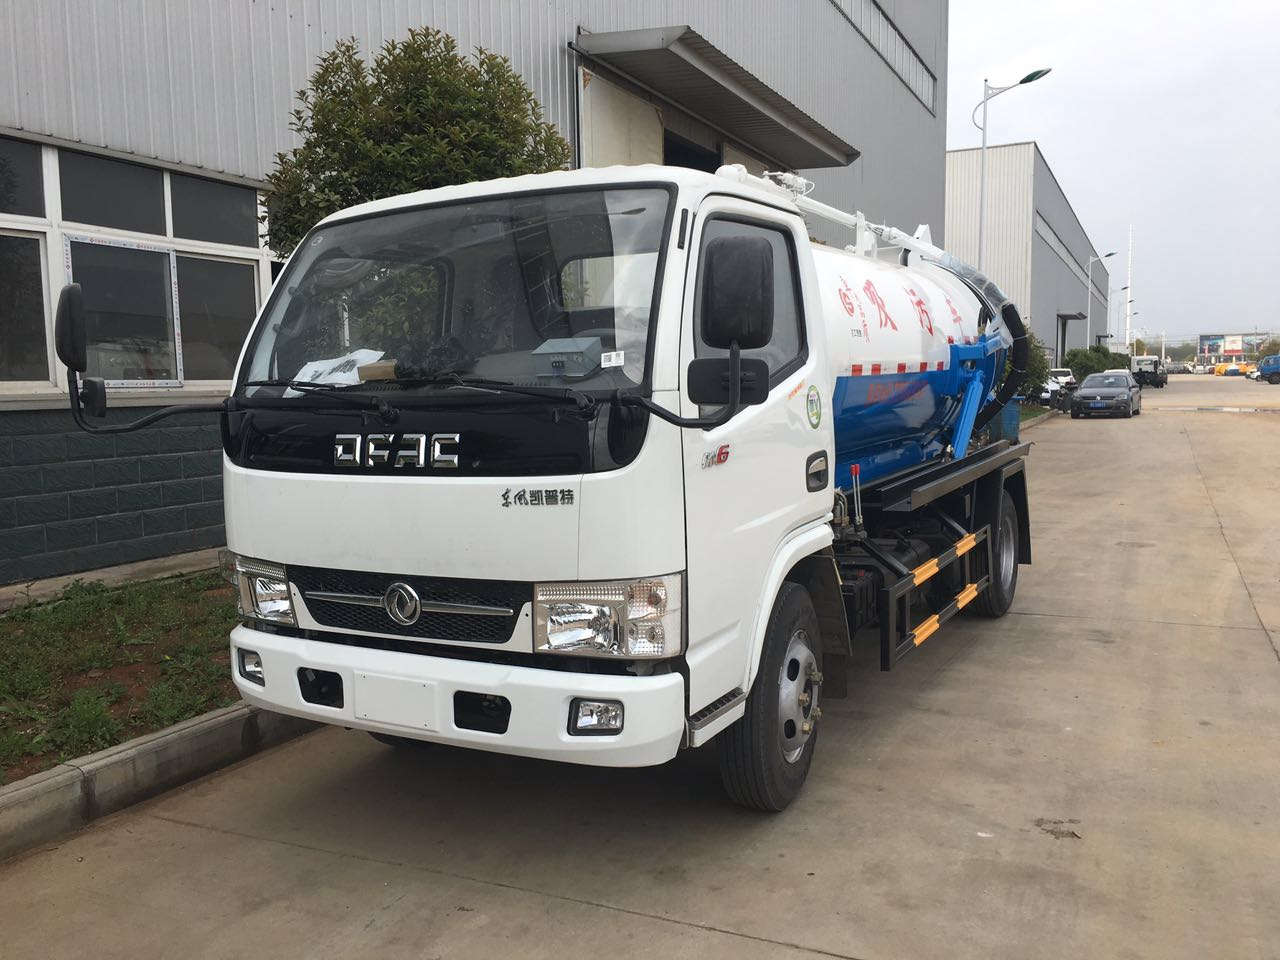 【随州】东风牌 洒水车 价格3.88万 二手车